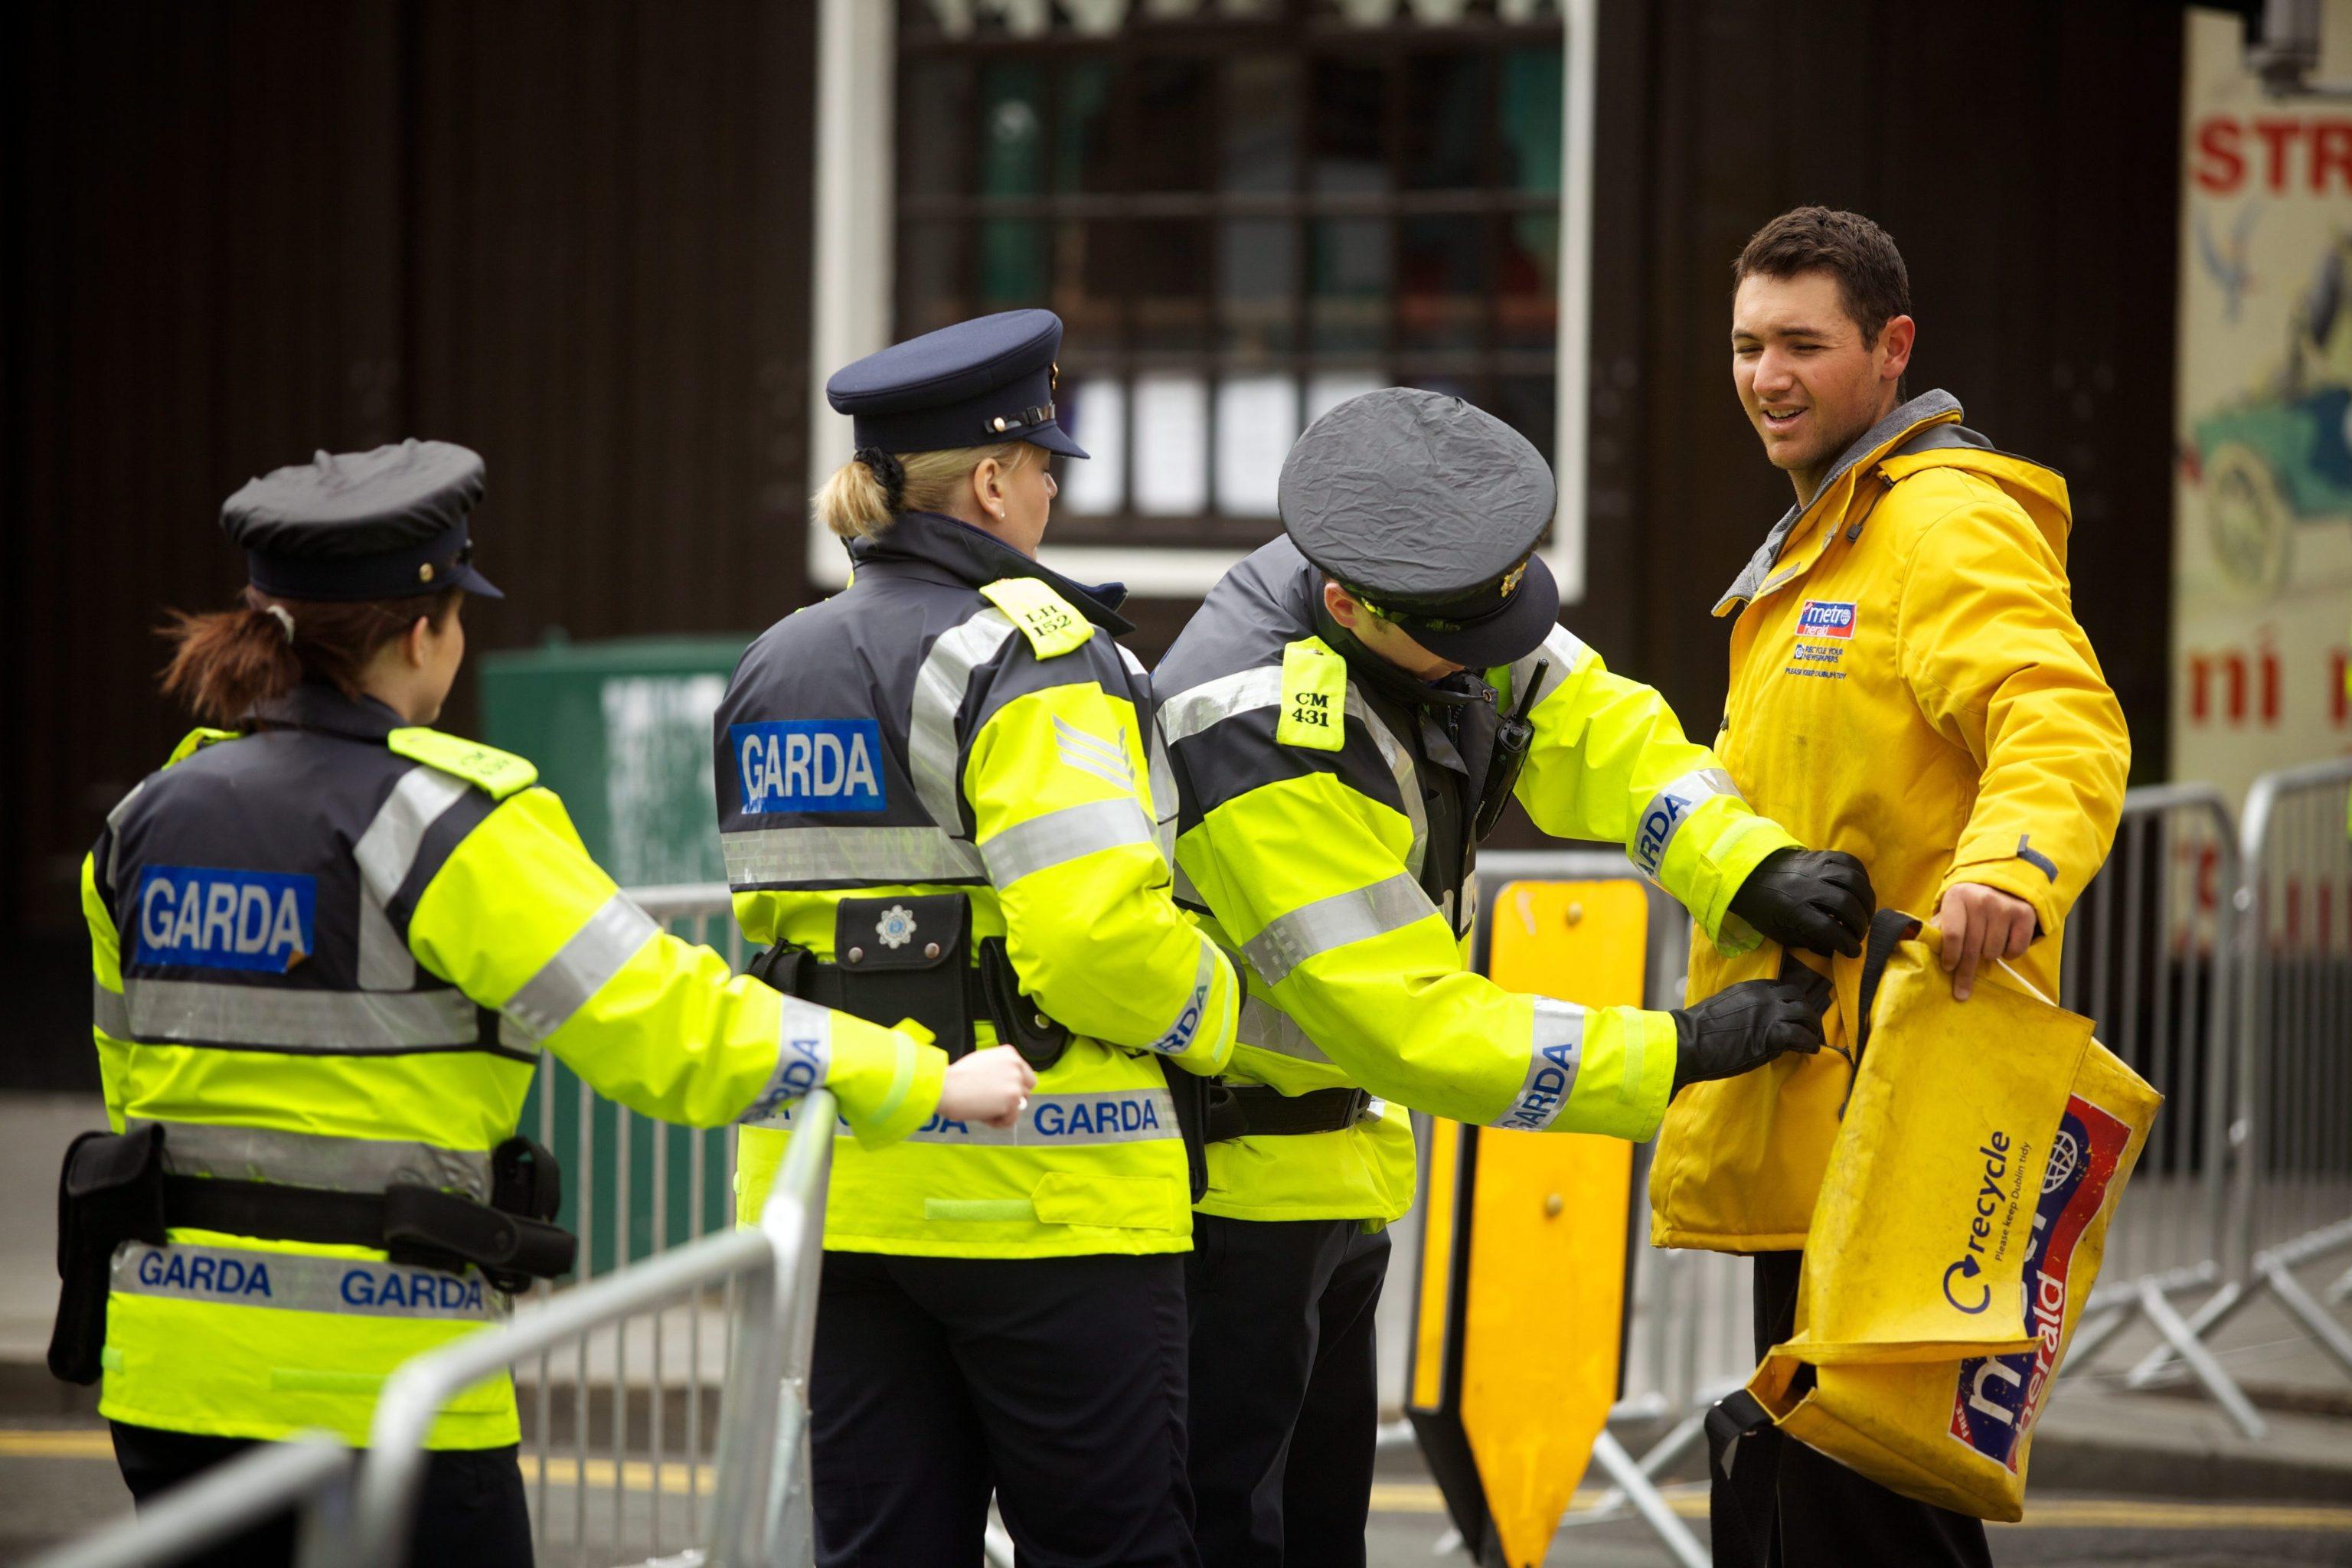 Irlanda: attacco con coltello, 1 morto